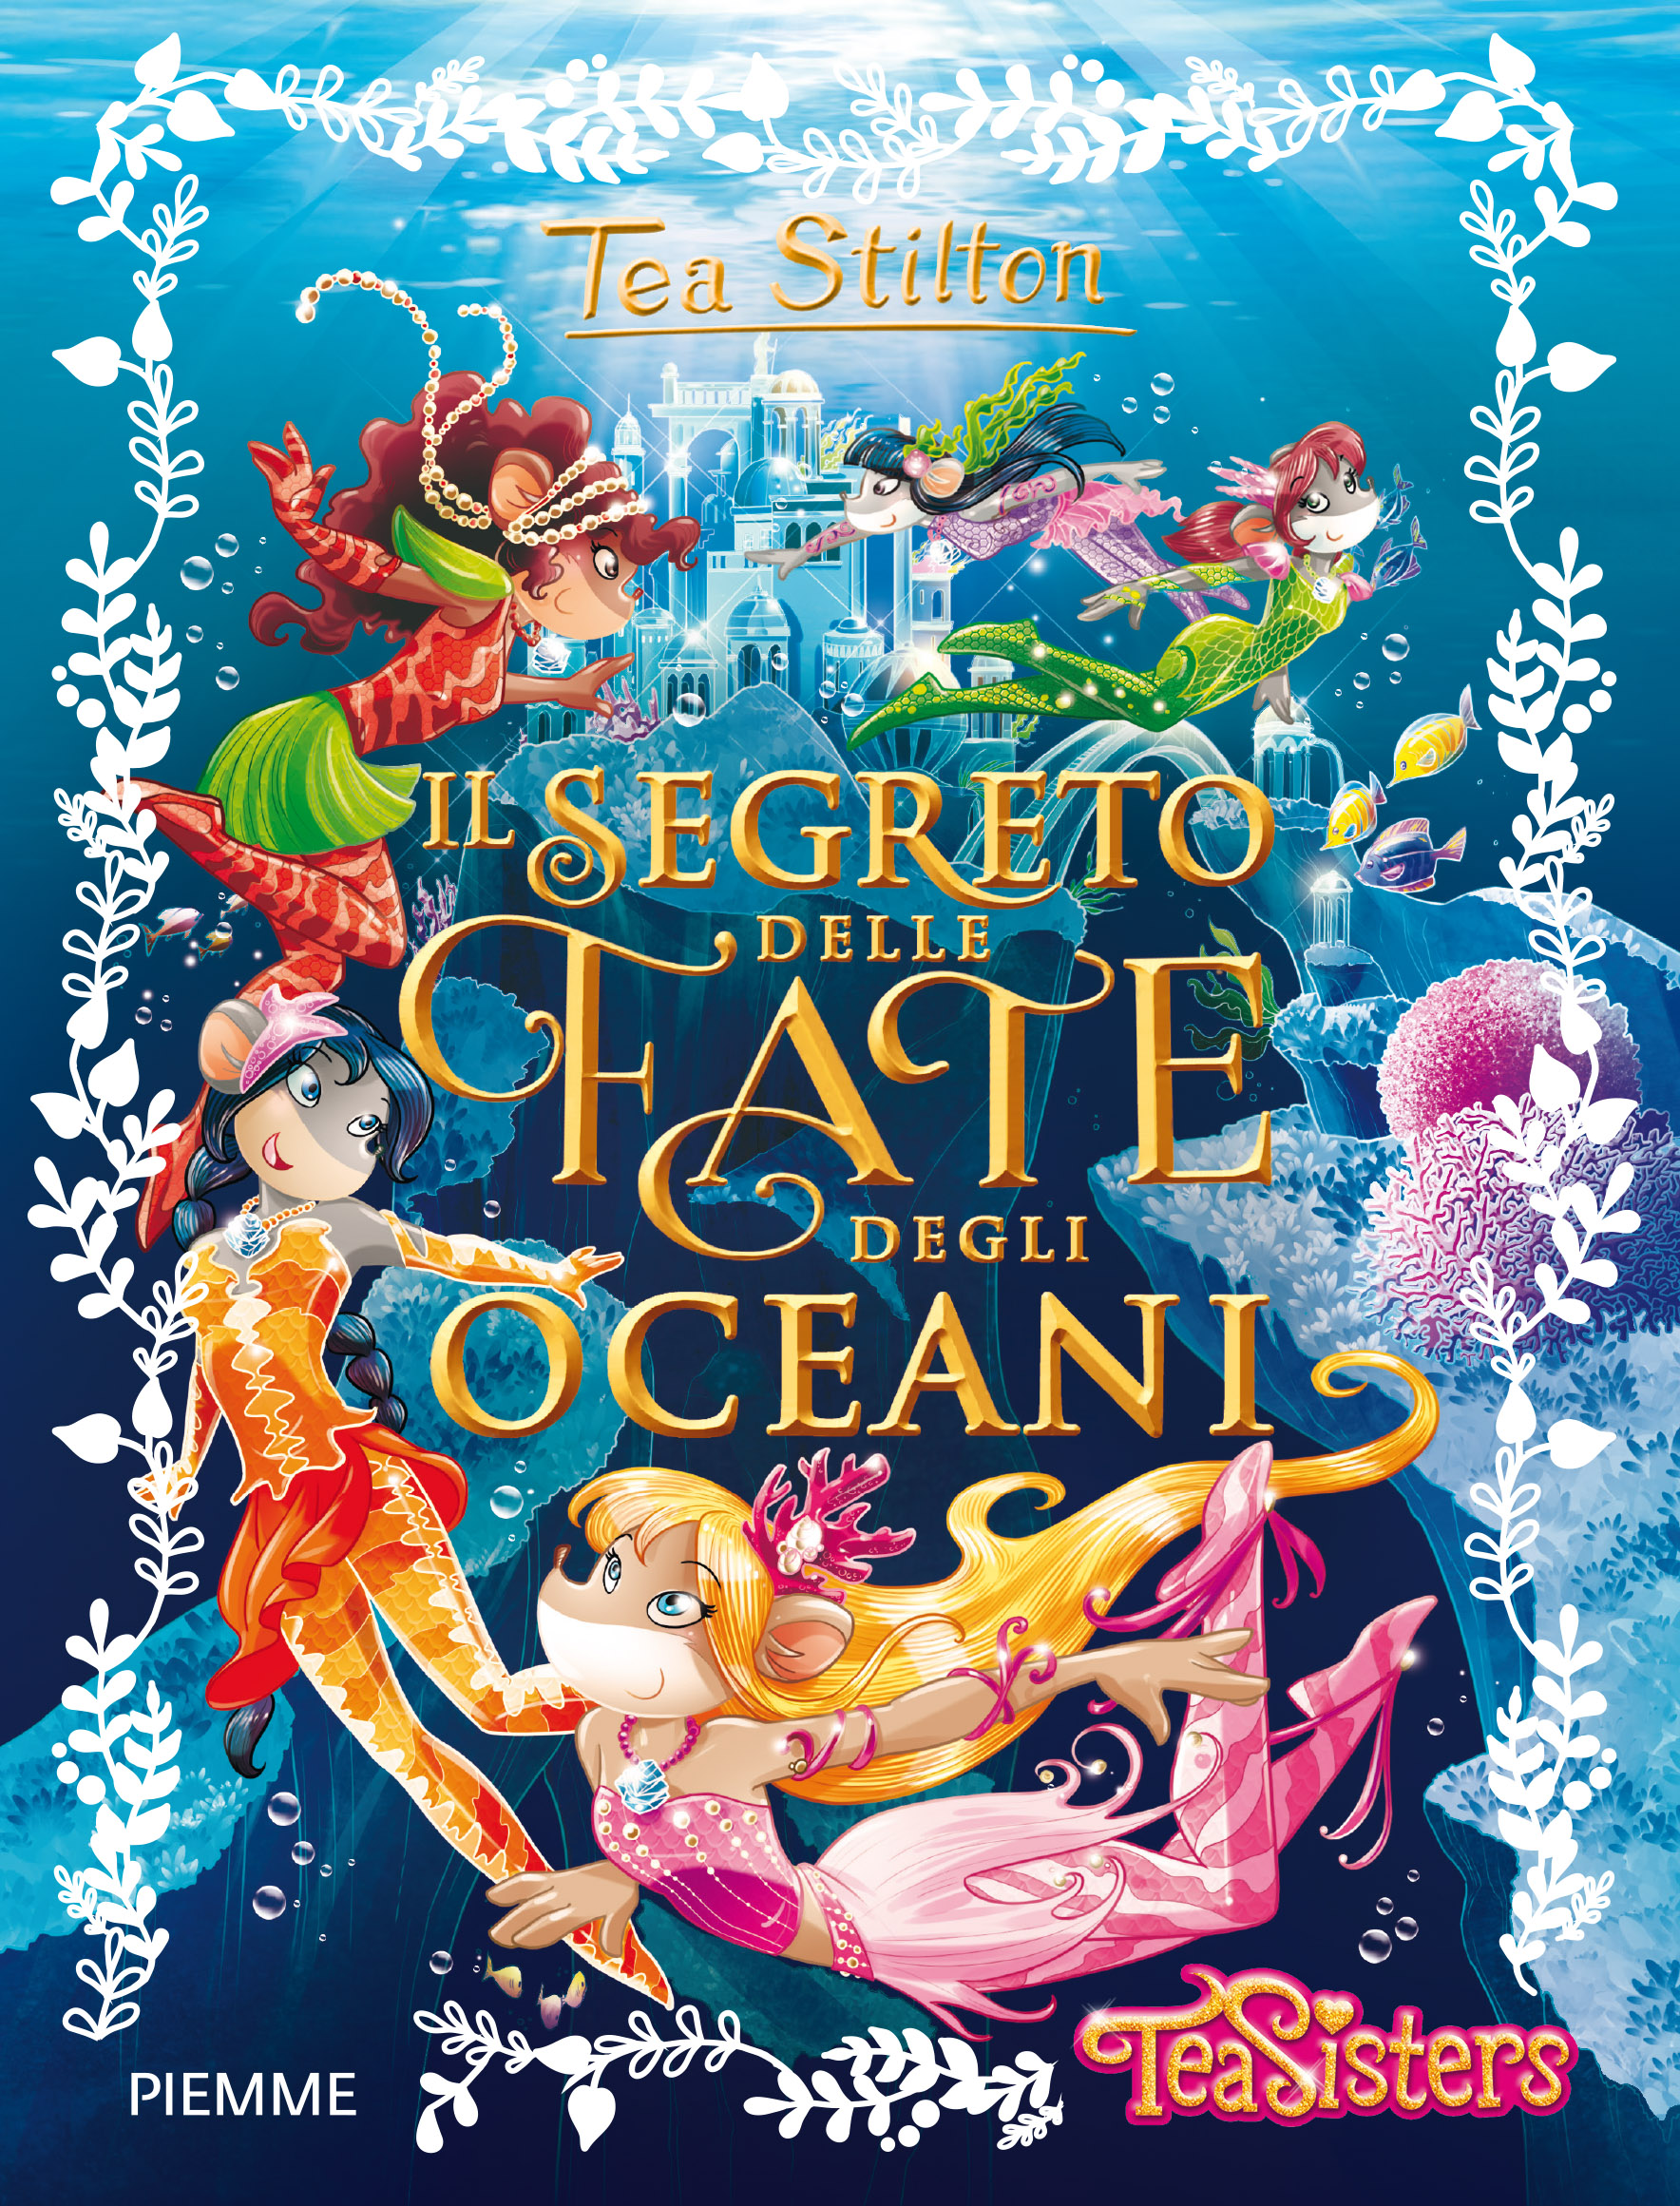 Grandi Libri Il Segreto Delle Fate Degli Oceani